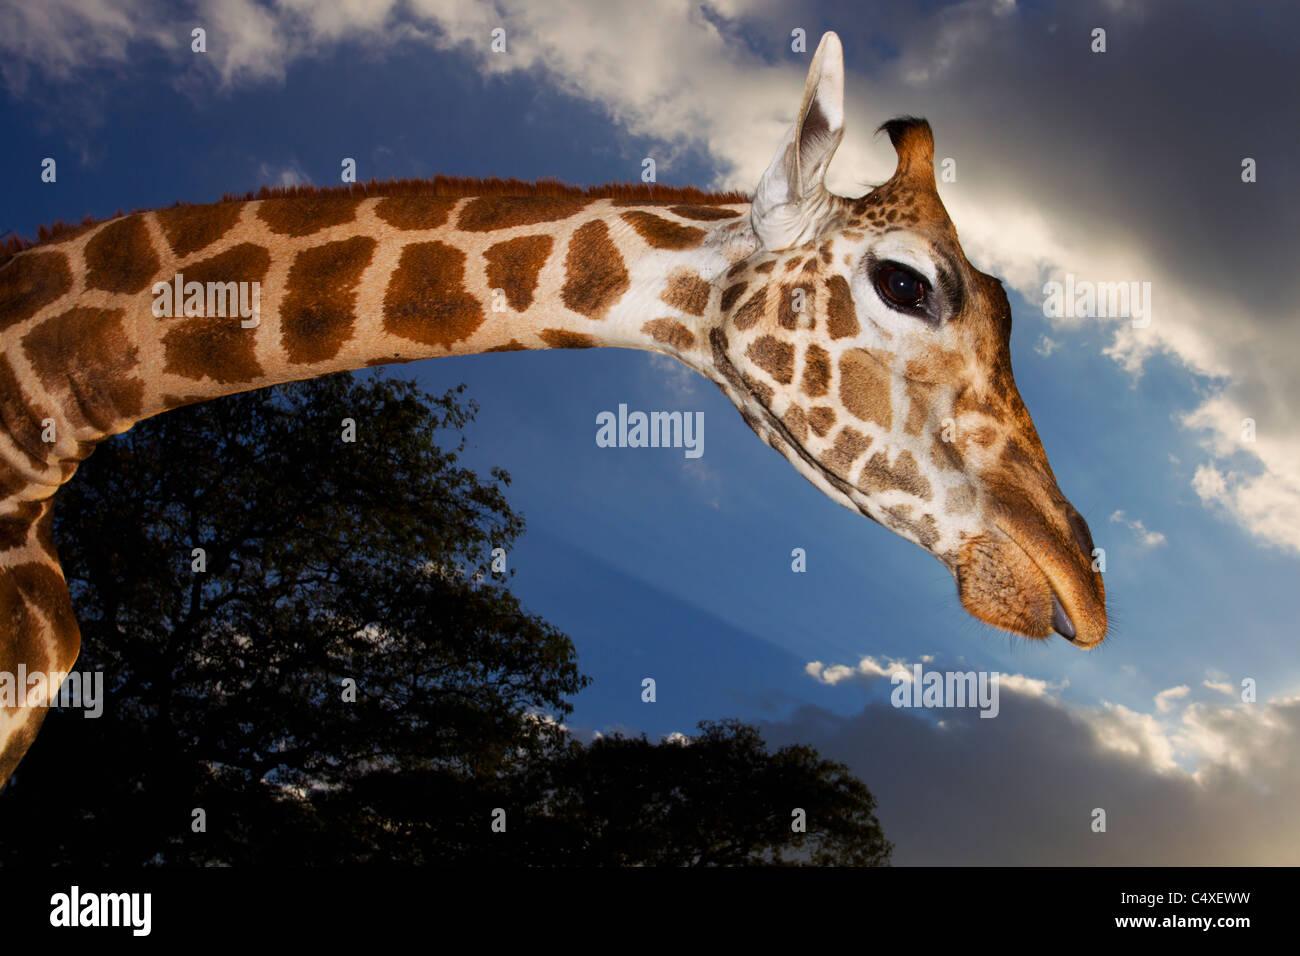 Rothschild Girafe (Giraffa camelopardalis rothschildi) est l'un des 9 sous-espèces de Girafe Girafe.Manor Photo Stock